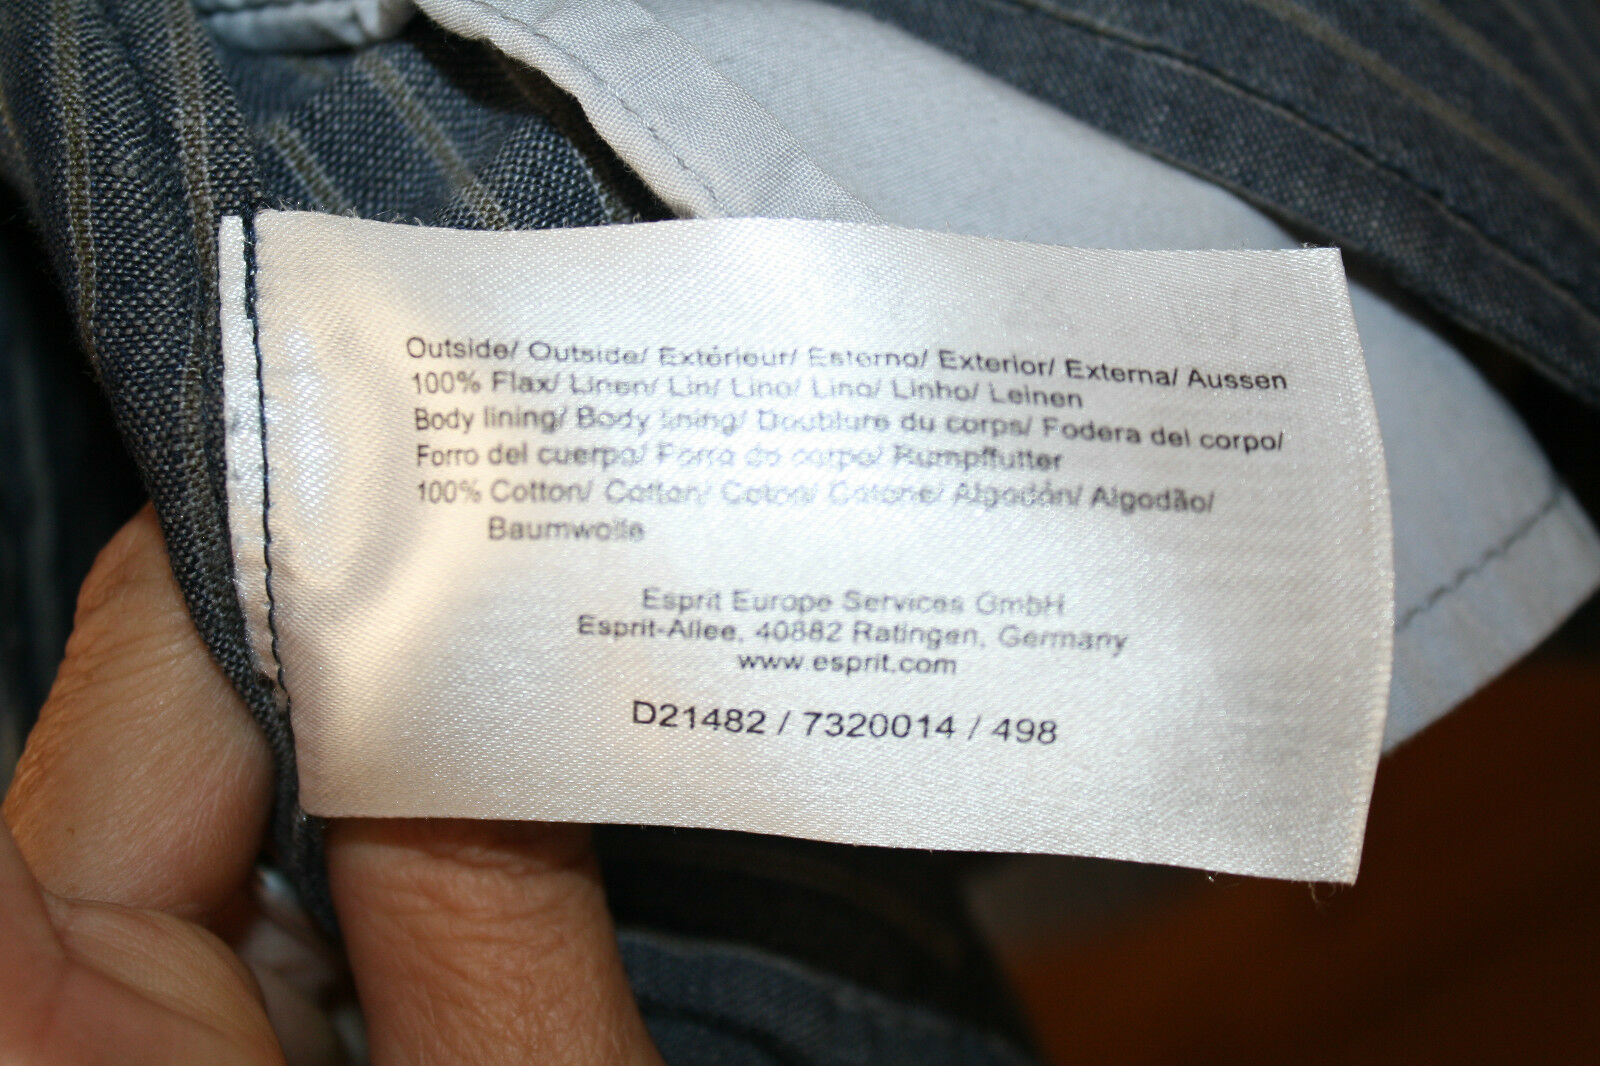 ESPRIT Buisness LeinenBlazer Gr.36 MARINE MARINE MARINE Jeans JLO Style NEU NP 99,95 e | Gewinnen Sie das Lob der Kunden  | Neuheit  | Stabile Qualität  6fa98f